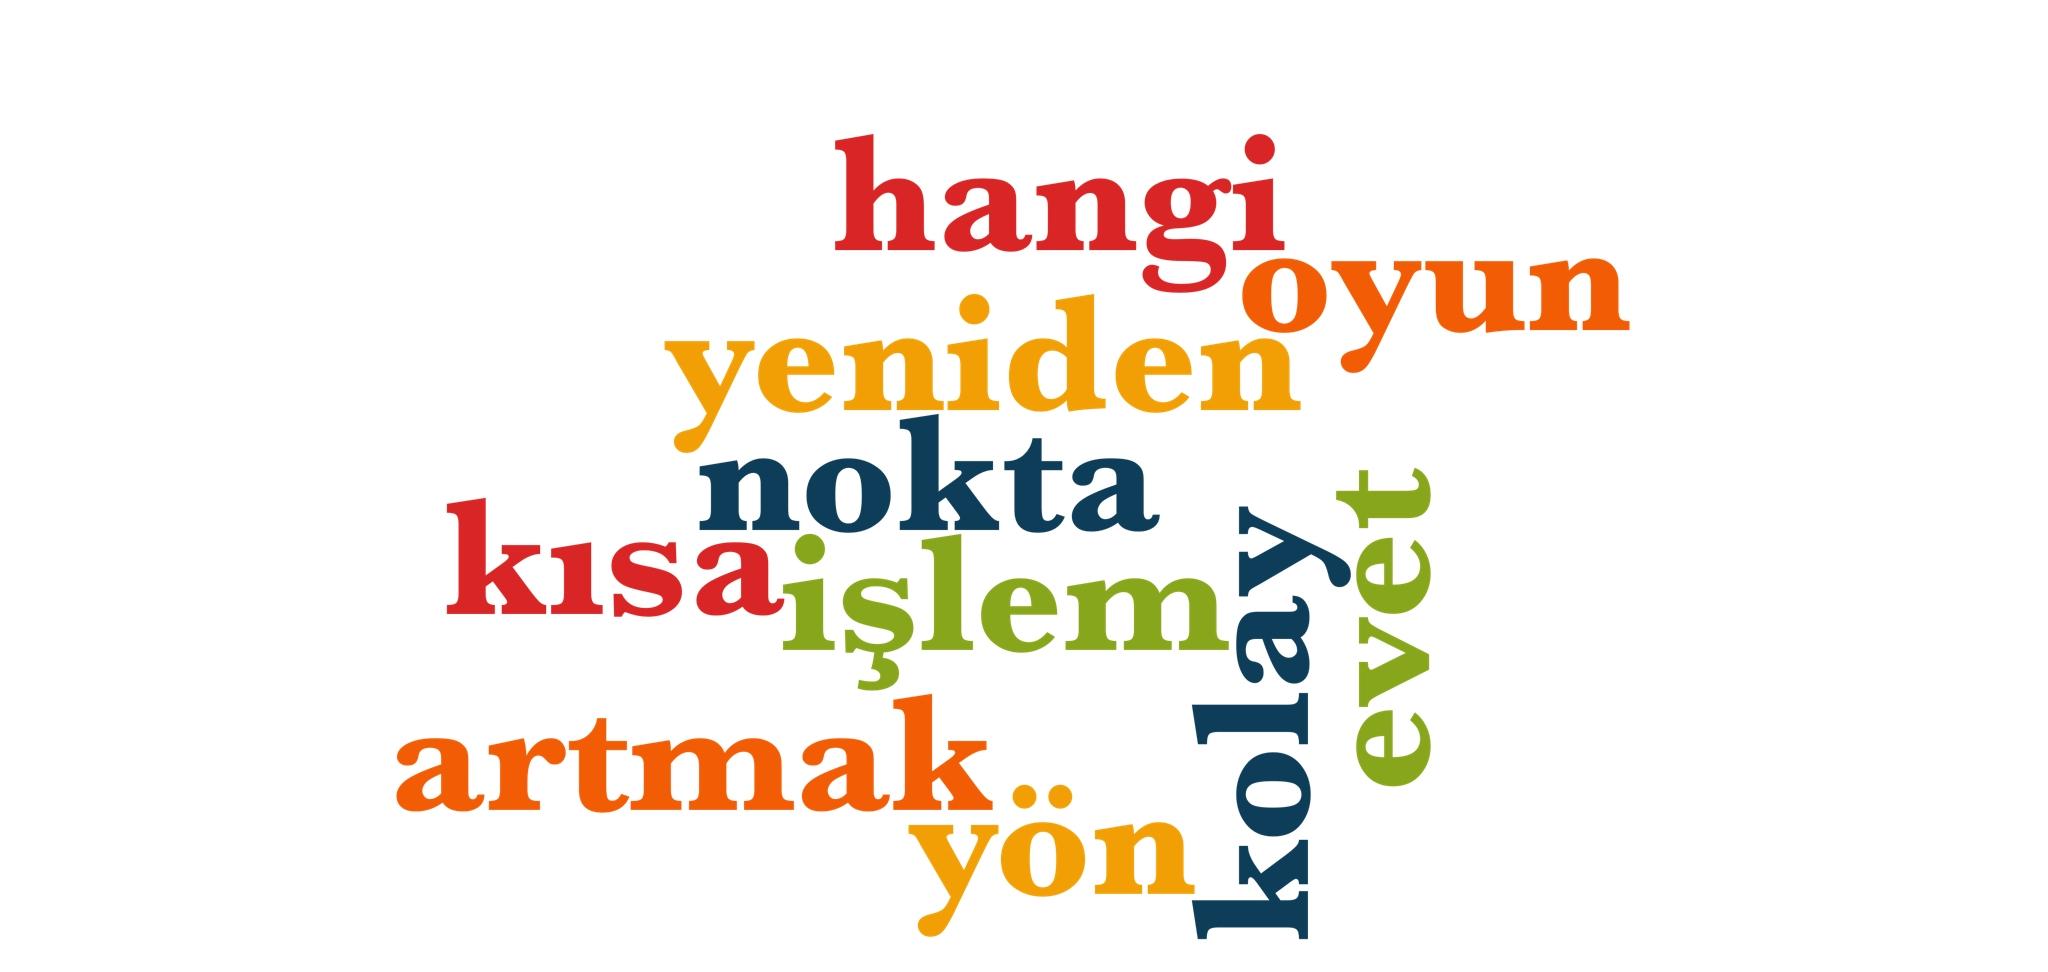 Wörter 321 bis 330 der 1000 häufigsten Wörter der türkischen Sprache